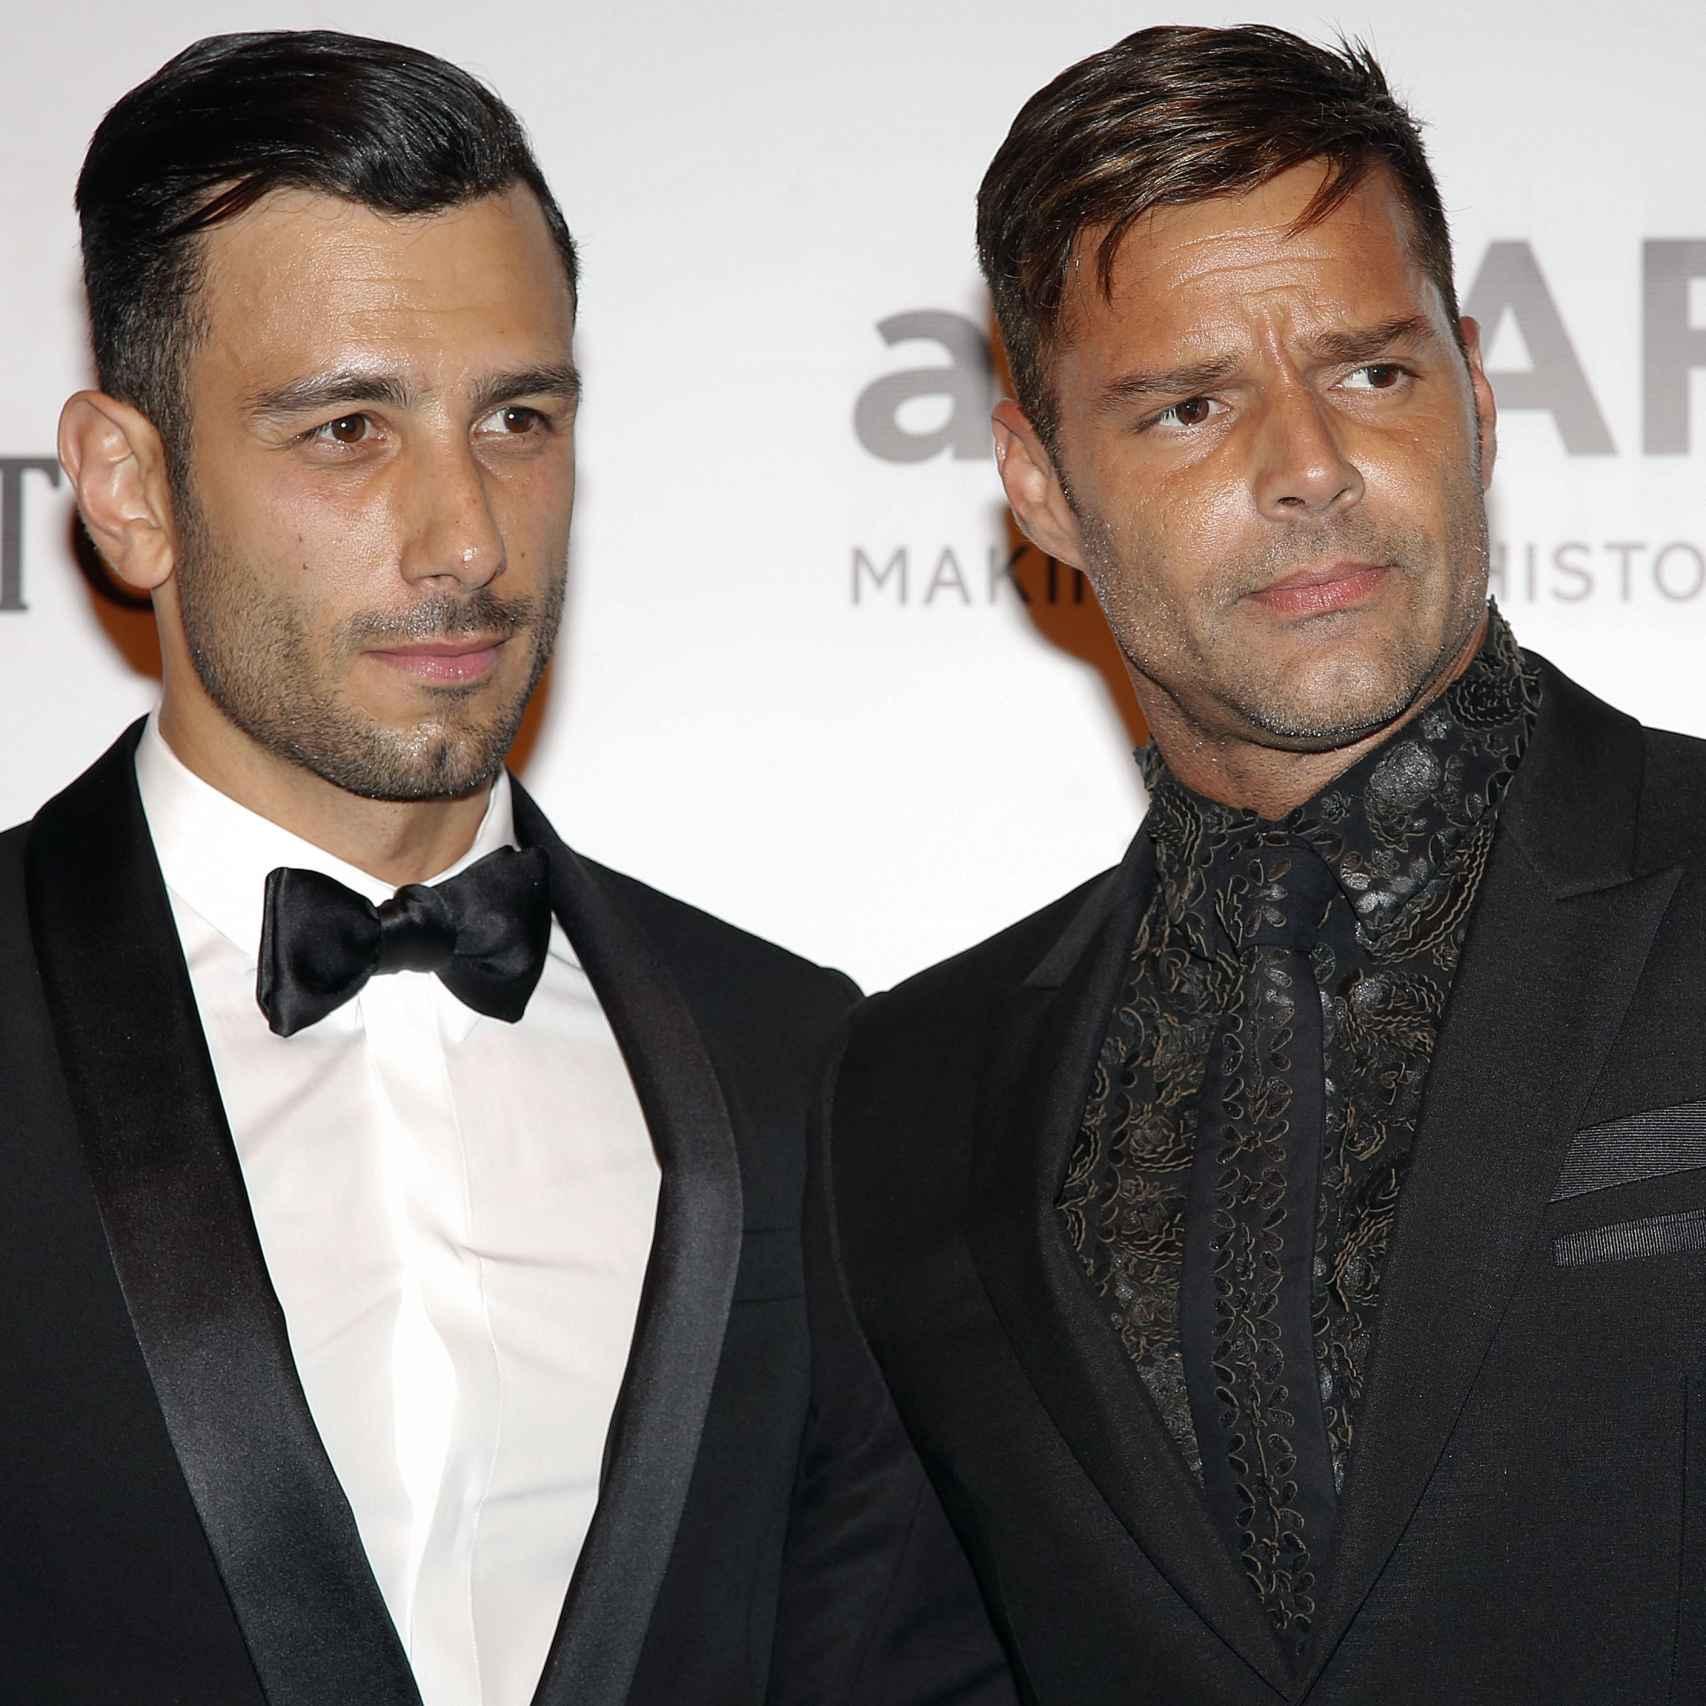 Ricky Martin en el primer photocall con su nueva pareja